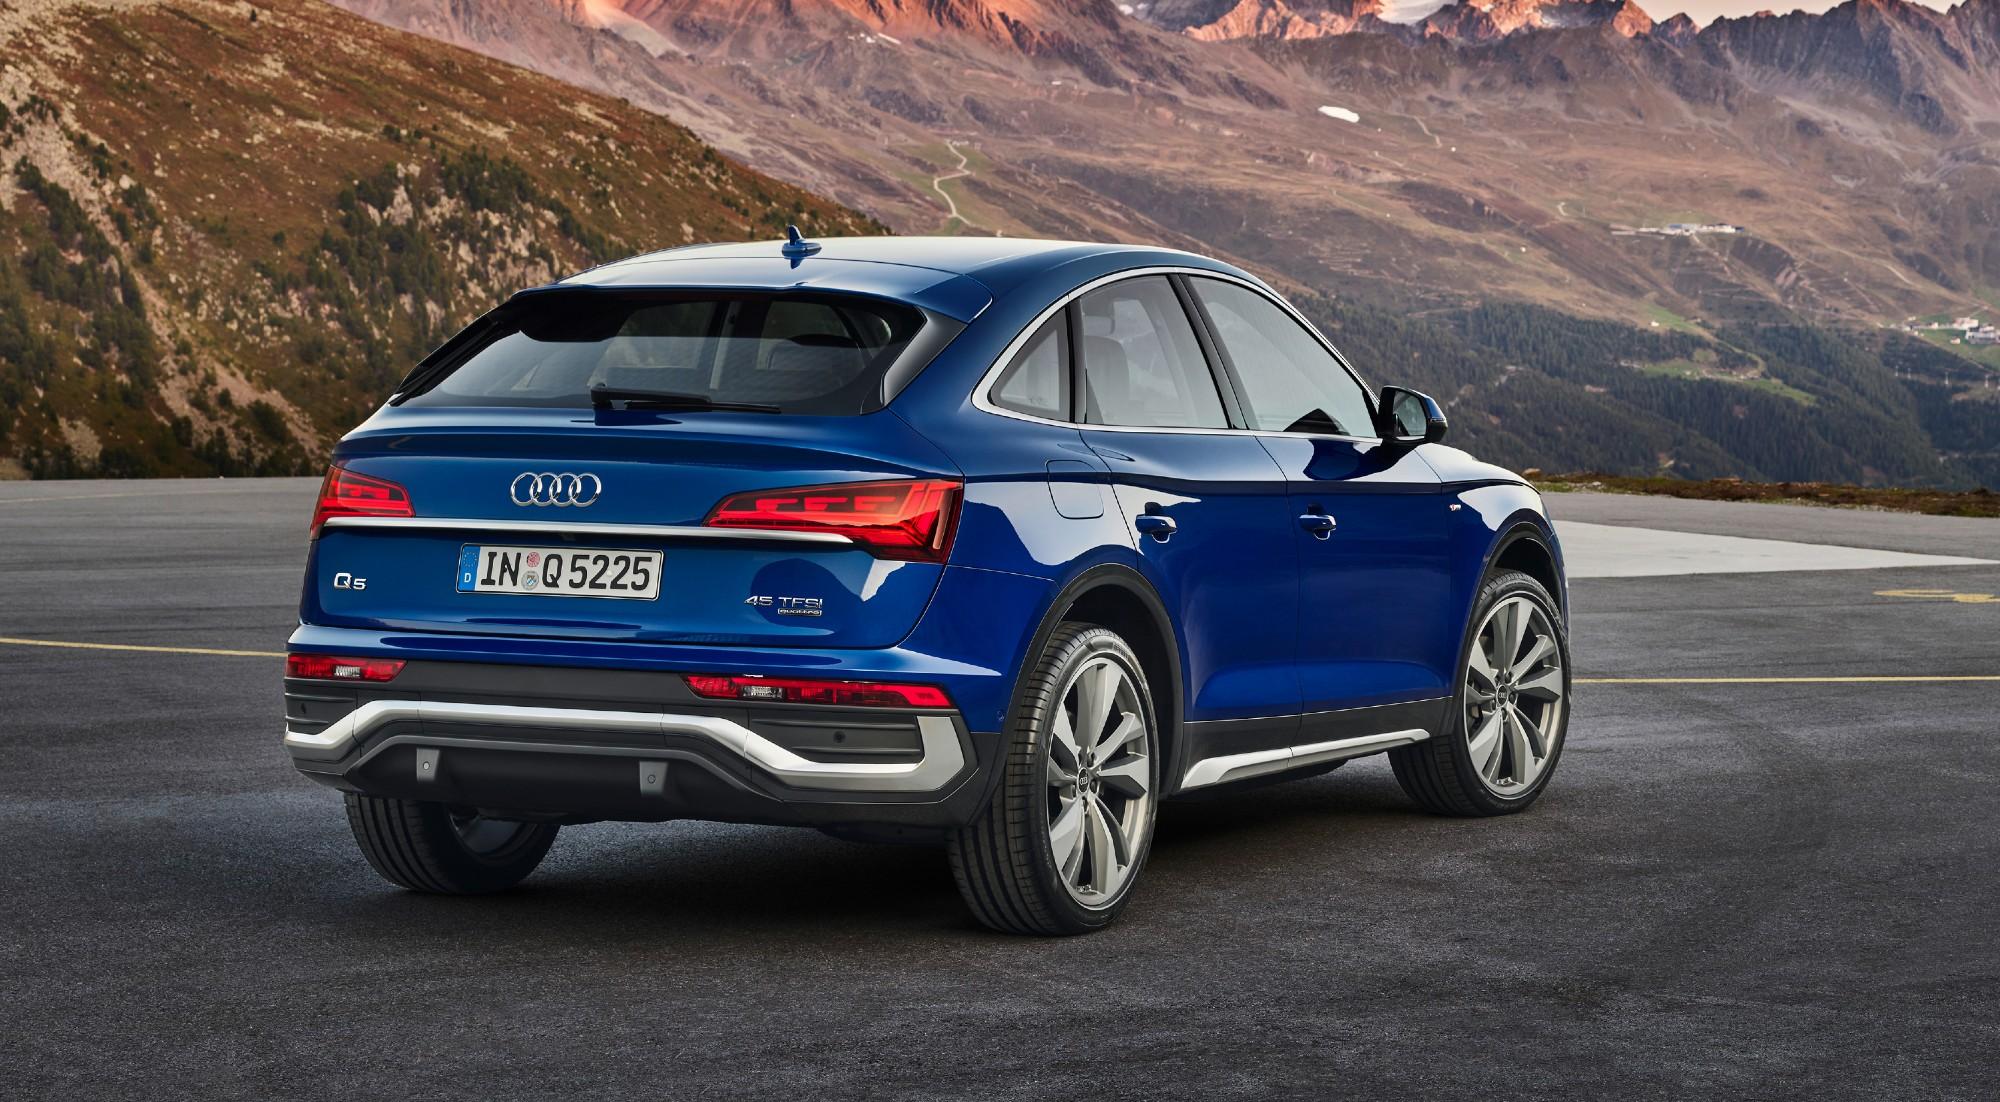 La nueva figura del Audi Q5 Sportback